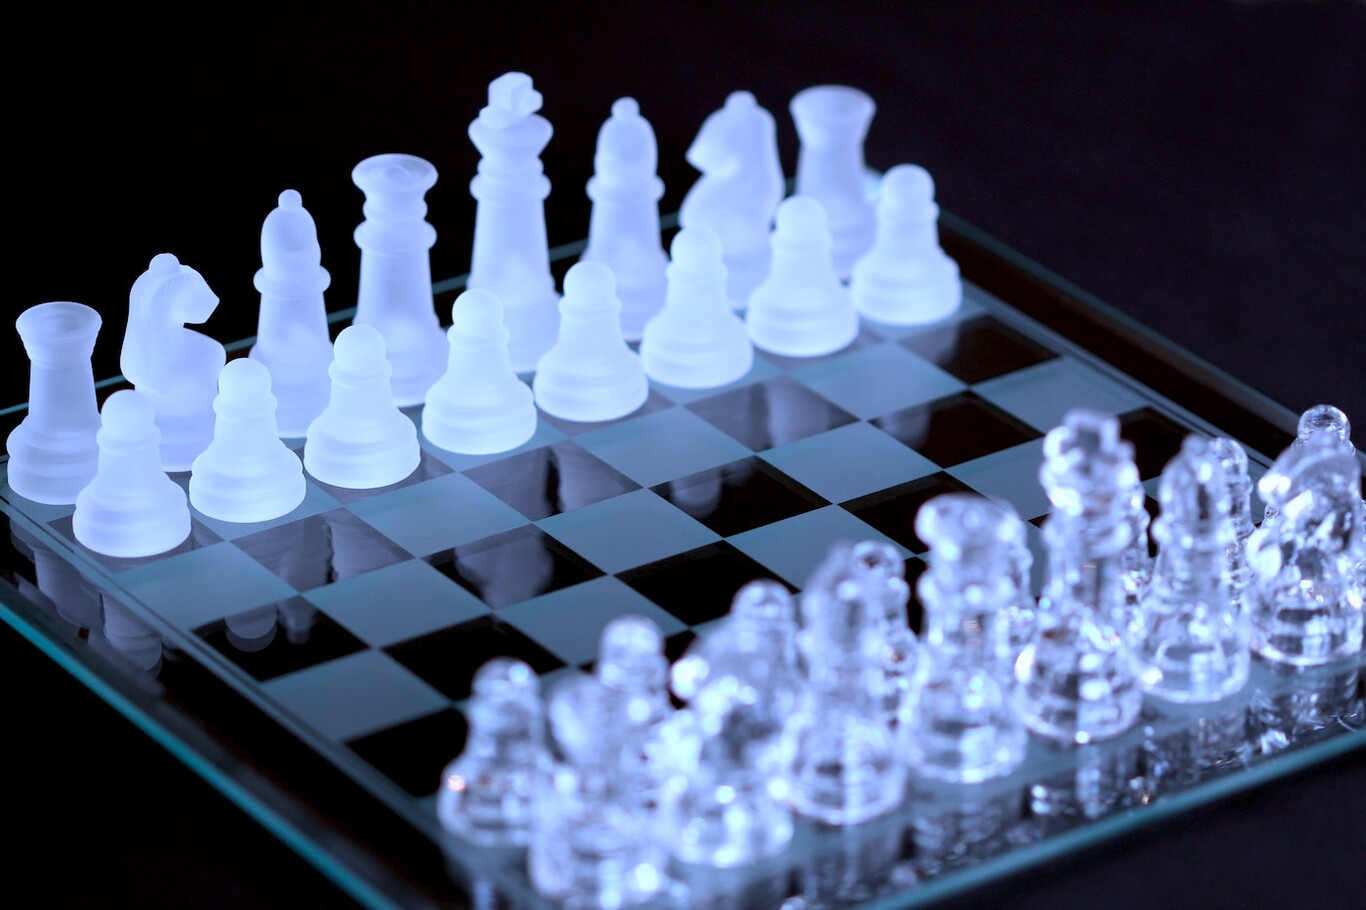 Ya conocemos al ganador del primer torneo de ajedrez cuántico: una versión más compleja con superposiciones y entrelazamientos